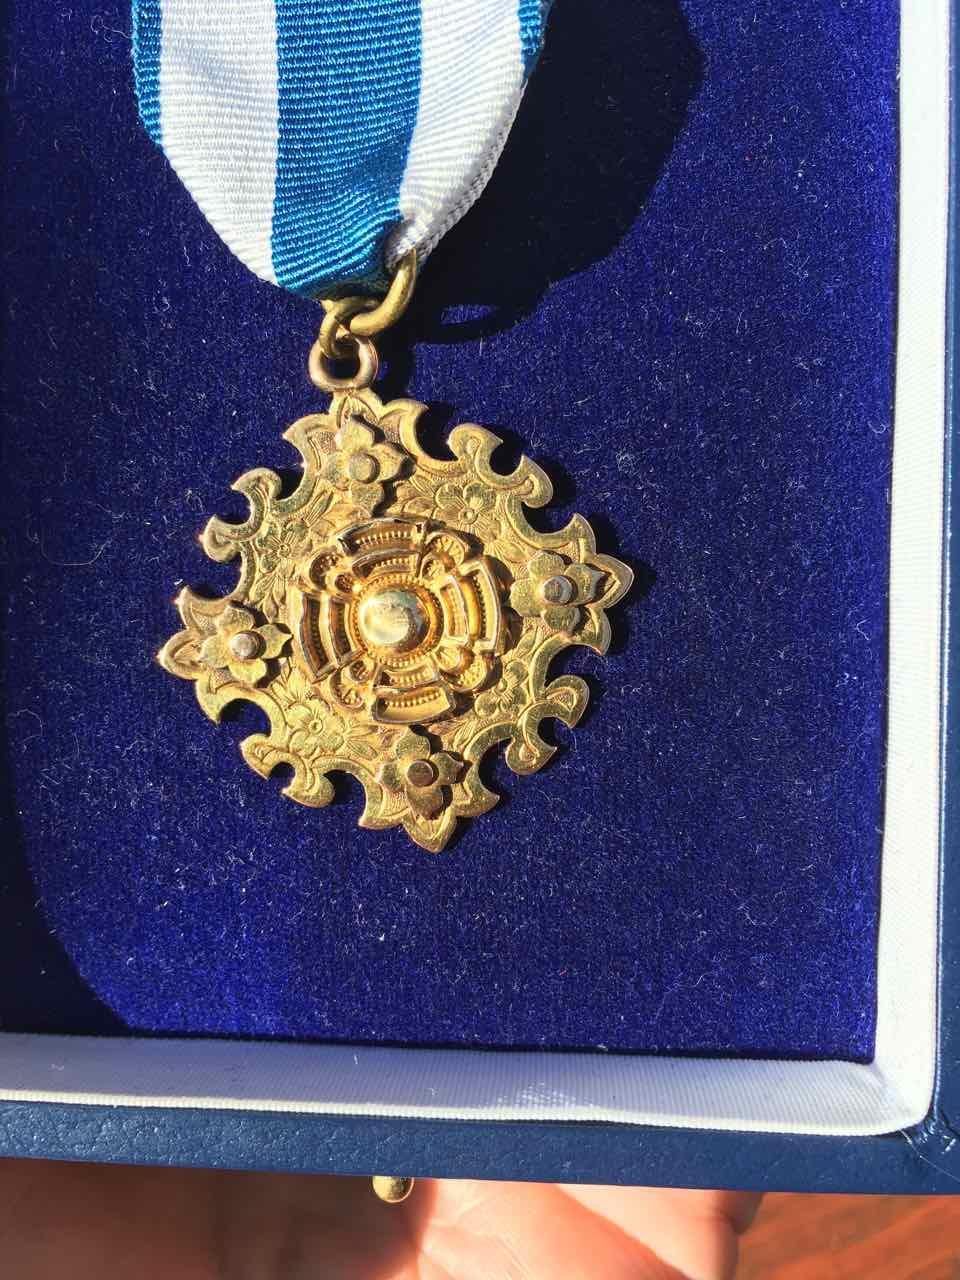 The 1889 Christmas Day winner's medal